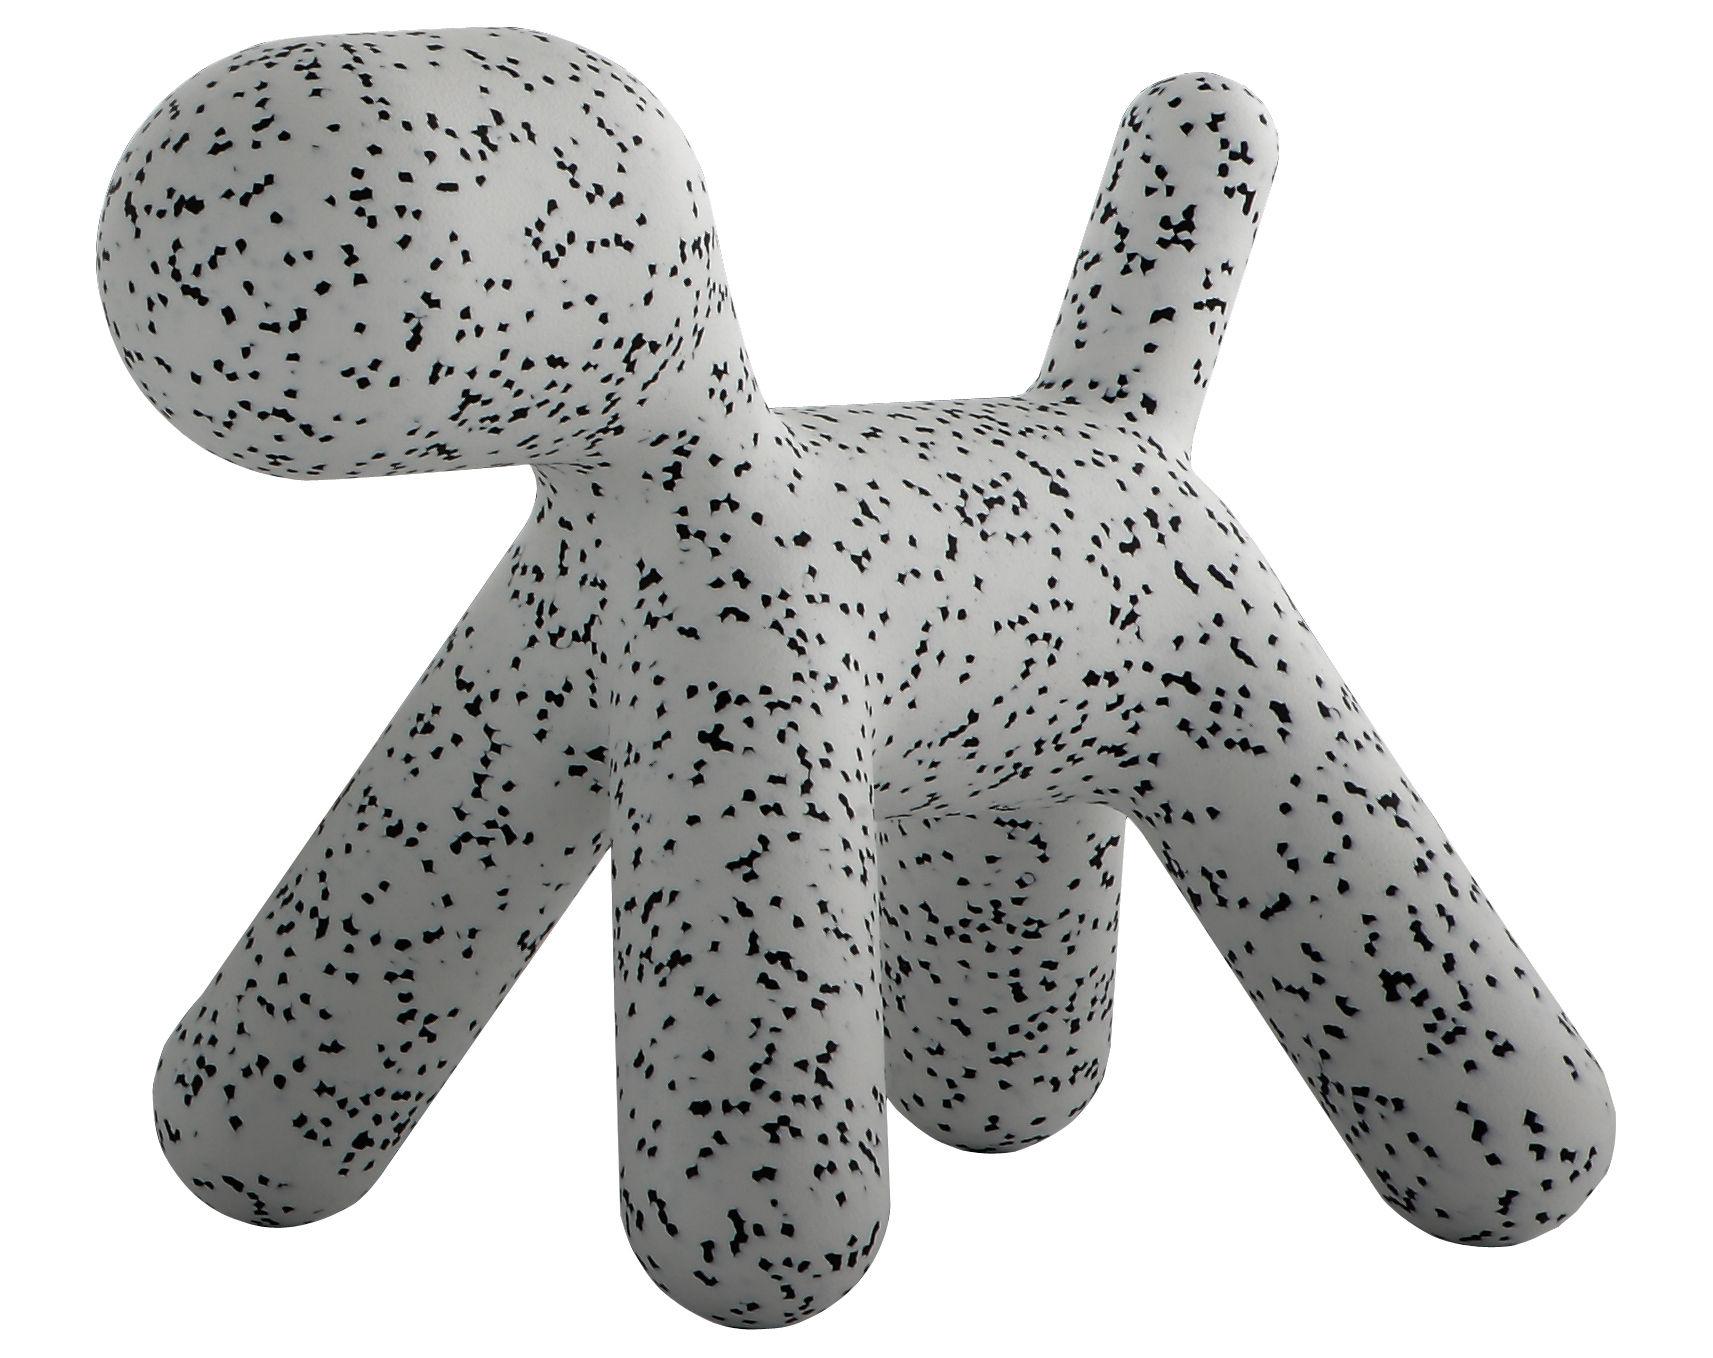 Mobilier - Mobilier Kids - Chaise enfant Puppy Large / Dalmatien - L 69 cm - Magis Collection Me Too - Blanc / Moucheté noir - Polyéthylène rotomoulé